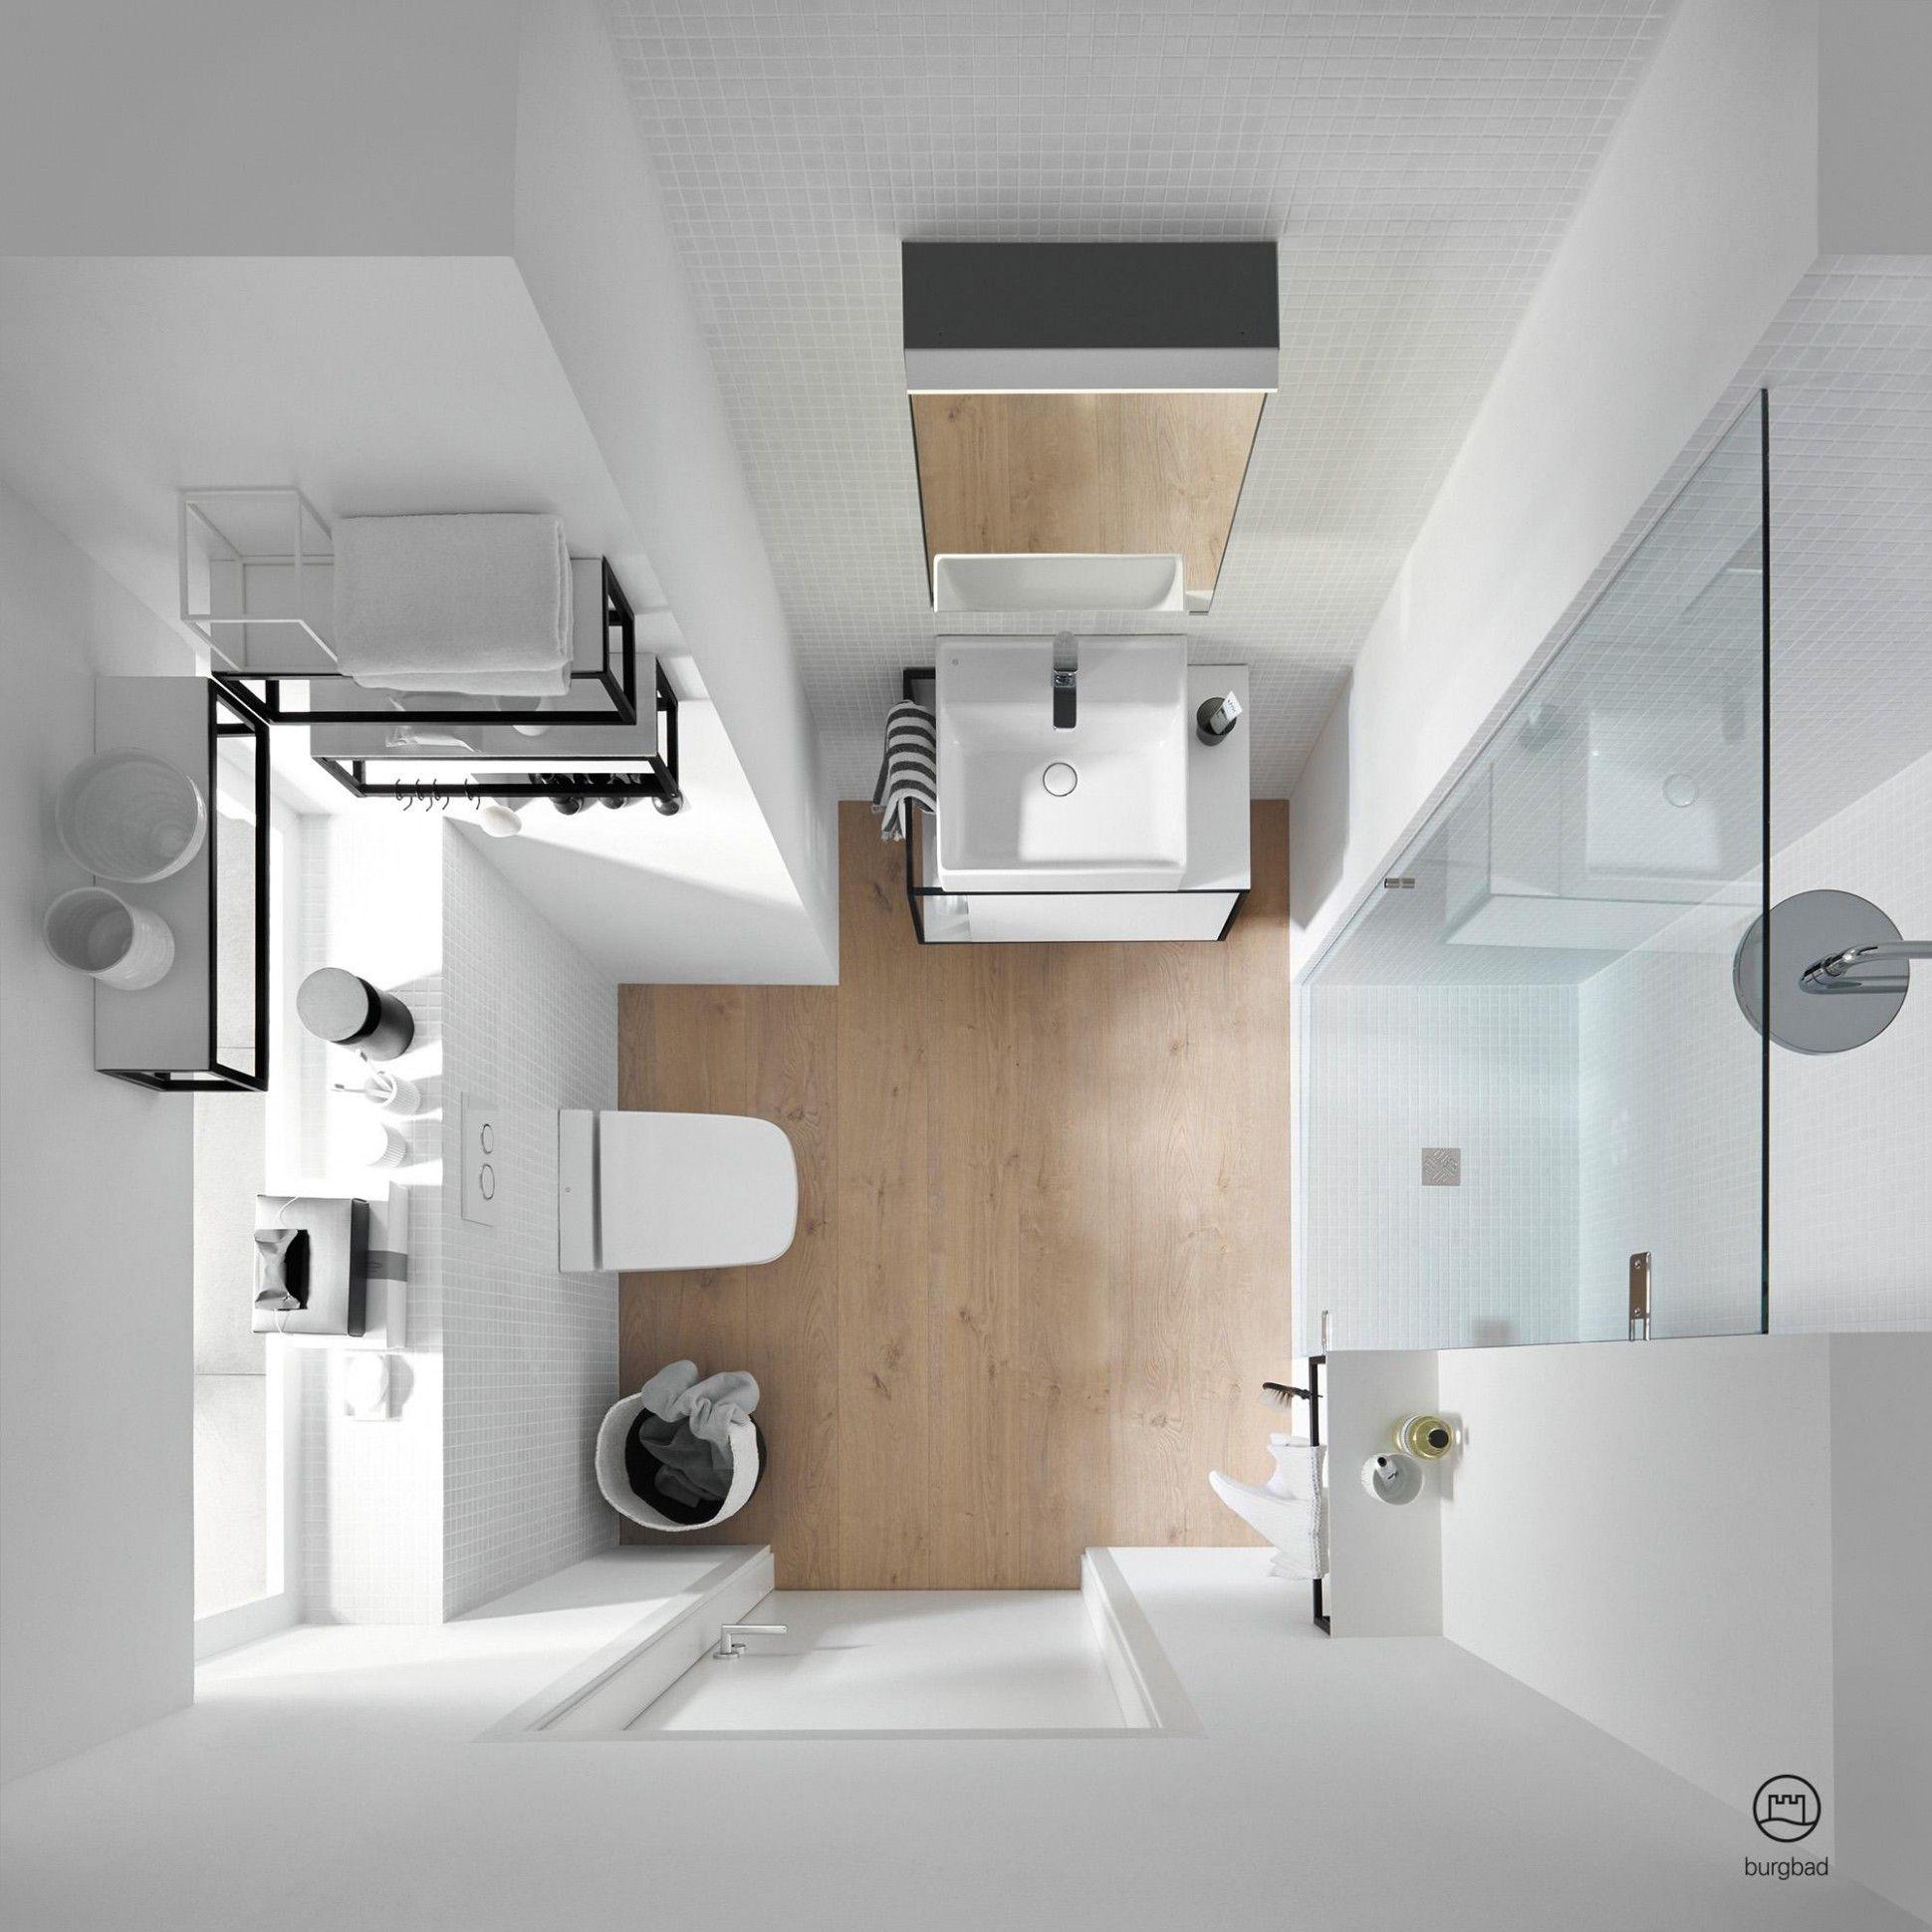 Badezimmer Ideen 15 Qm In 2020 Badezimmer Badezimmer Grundriss Gastebad Ideen